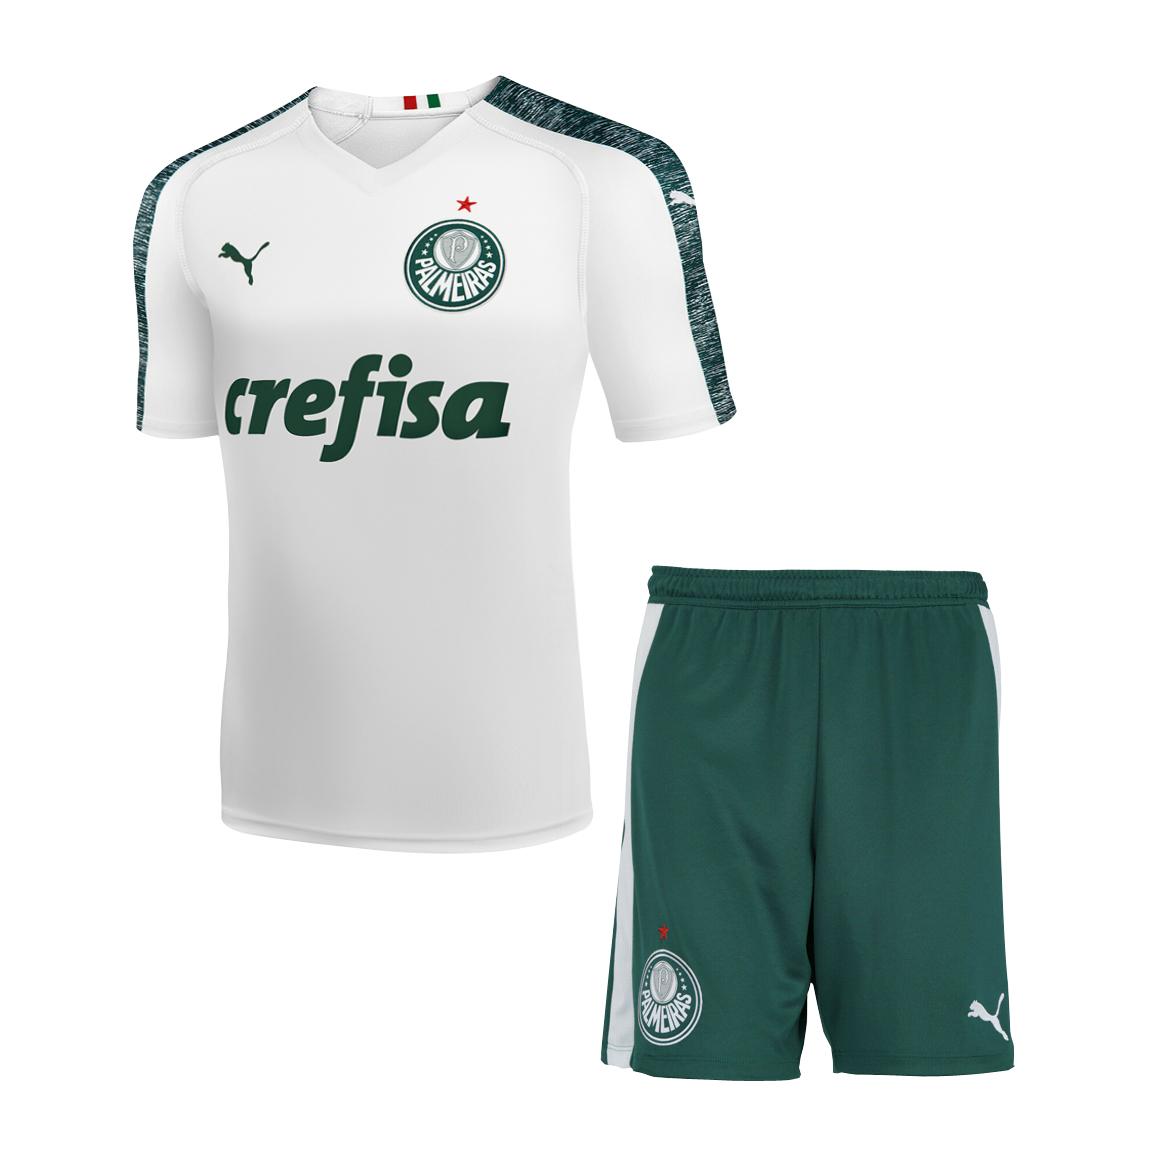 0f19a2b1eed US$ 14.8 - Palmeiras Away Jersey Kids' 2019/20 - www.fcsoccerworld.com